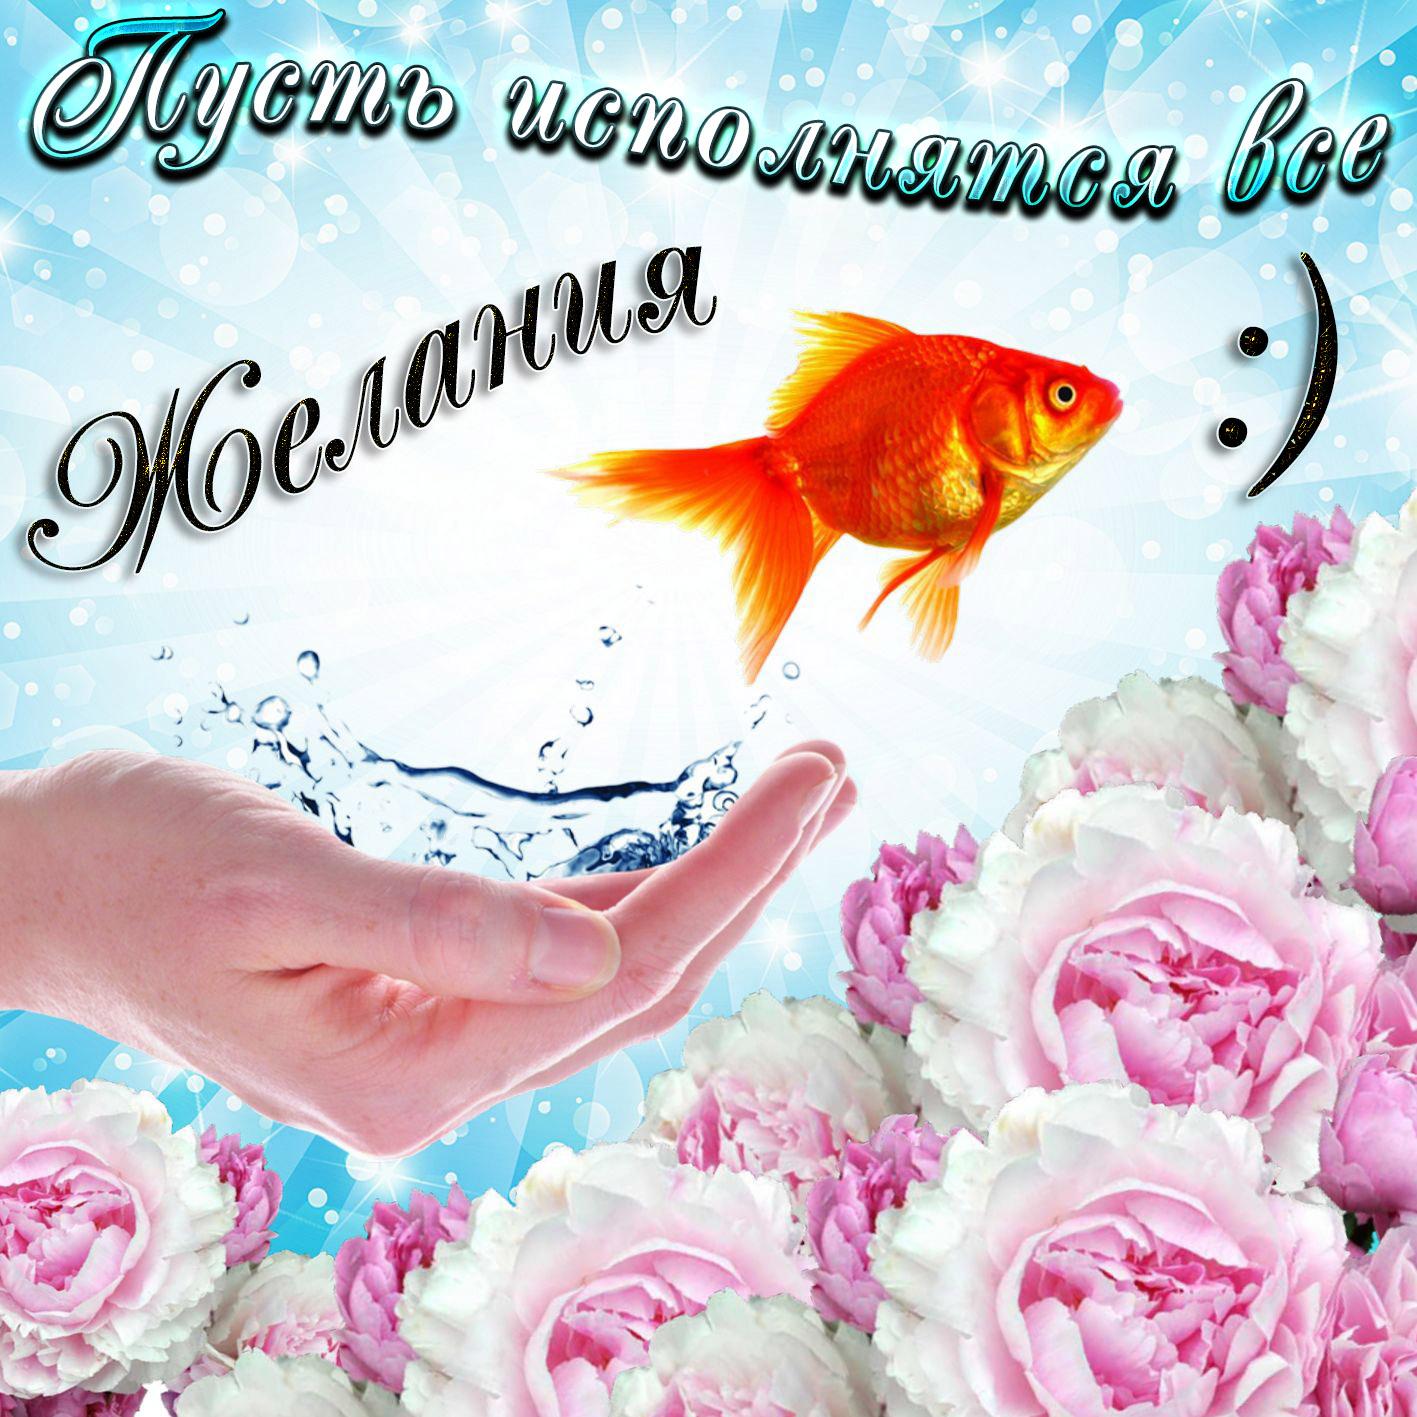 Открытка с золотой рыбкой в руке и пожелание